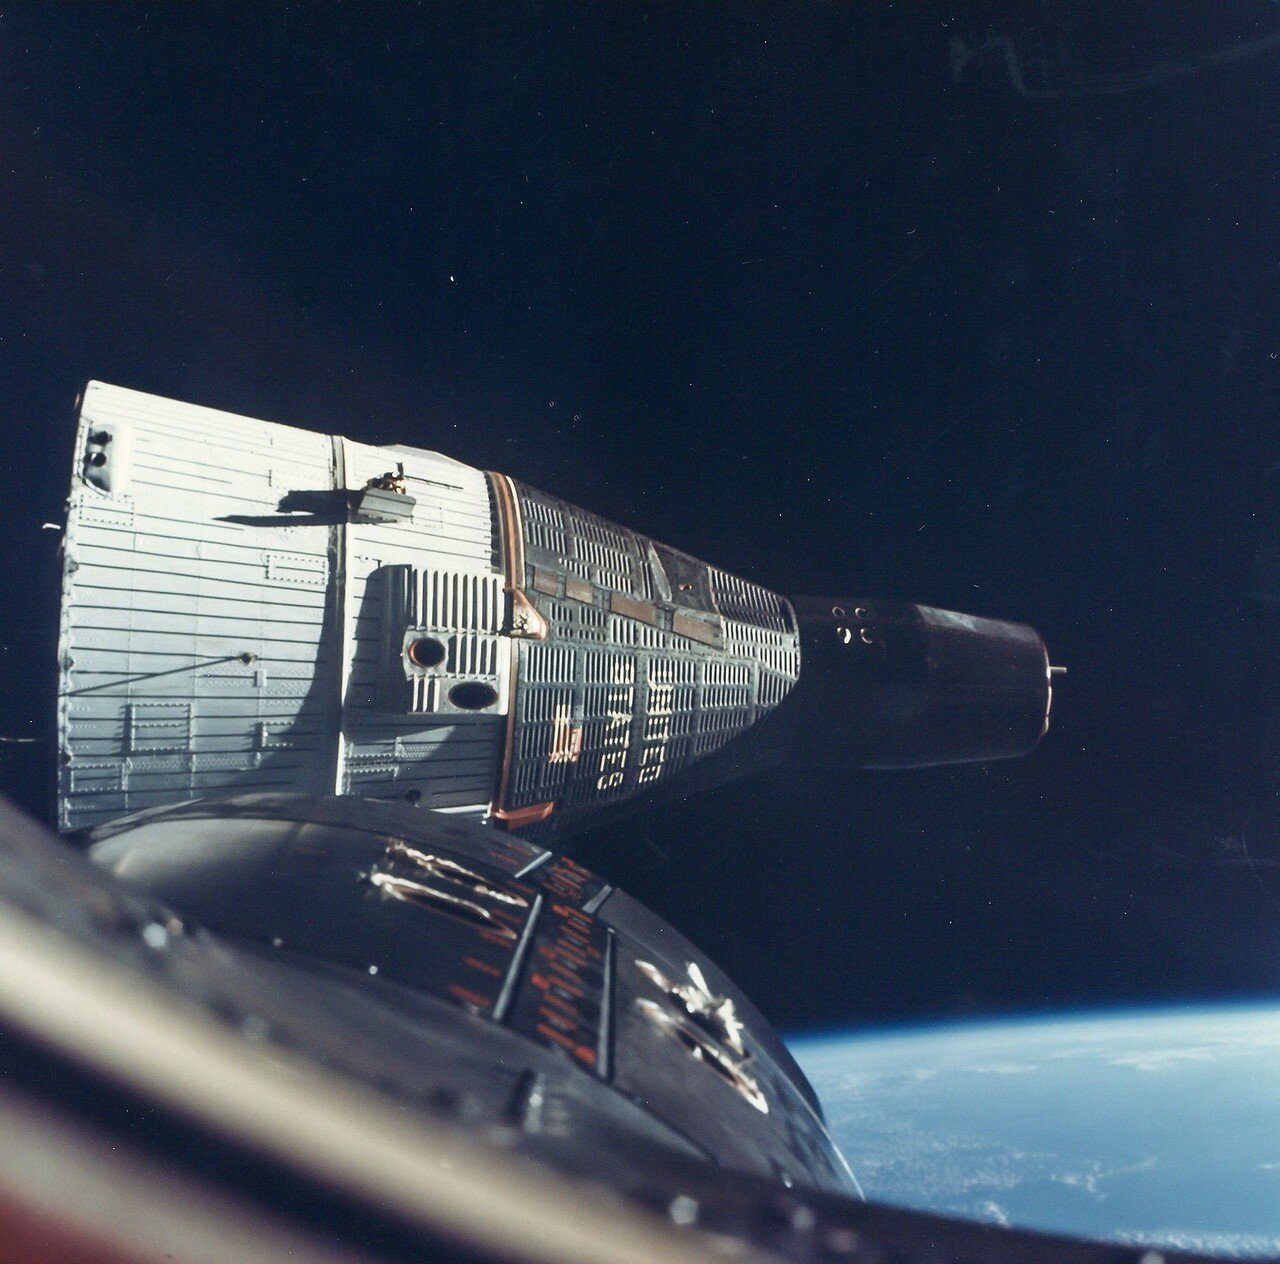 1965, декабрь. После сближения с Джемини-7 оба корабля на протяжении трех витков совершали маневры, находясь на расстоянии от 90 м до 0.3 м друг от друга